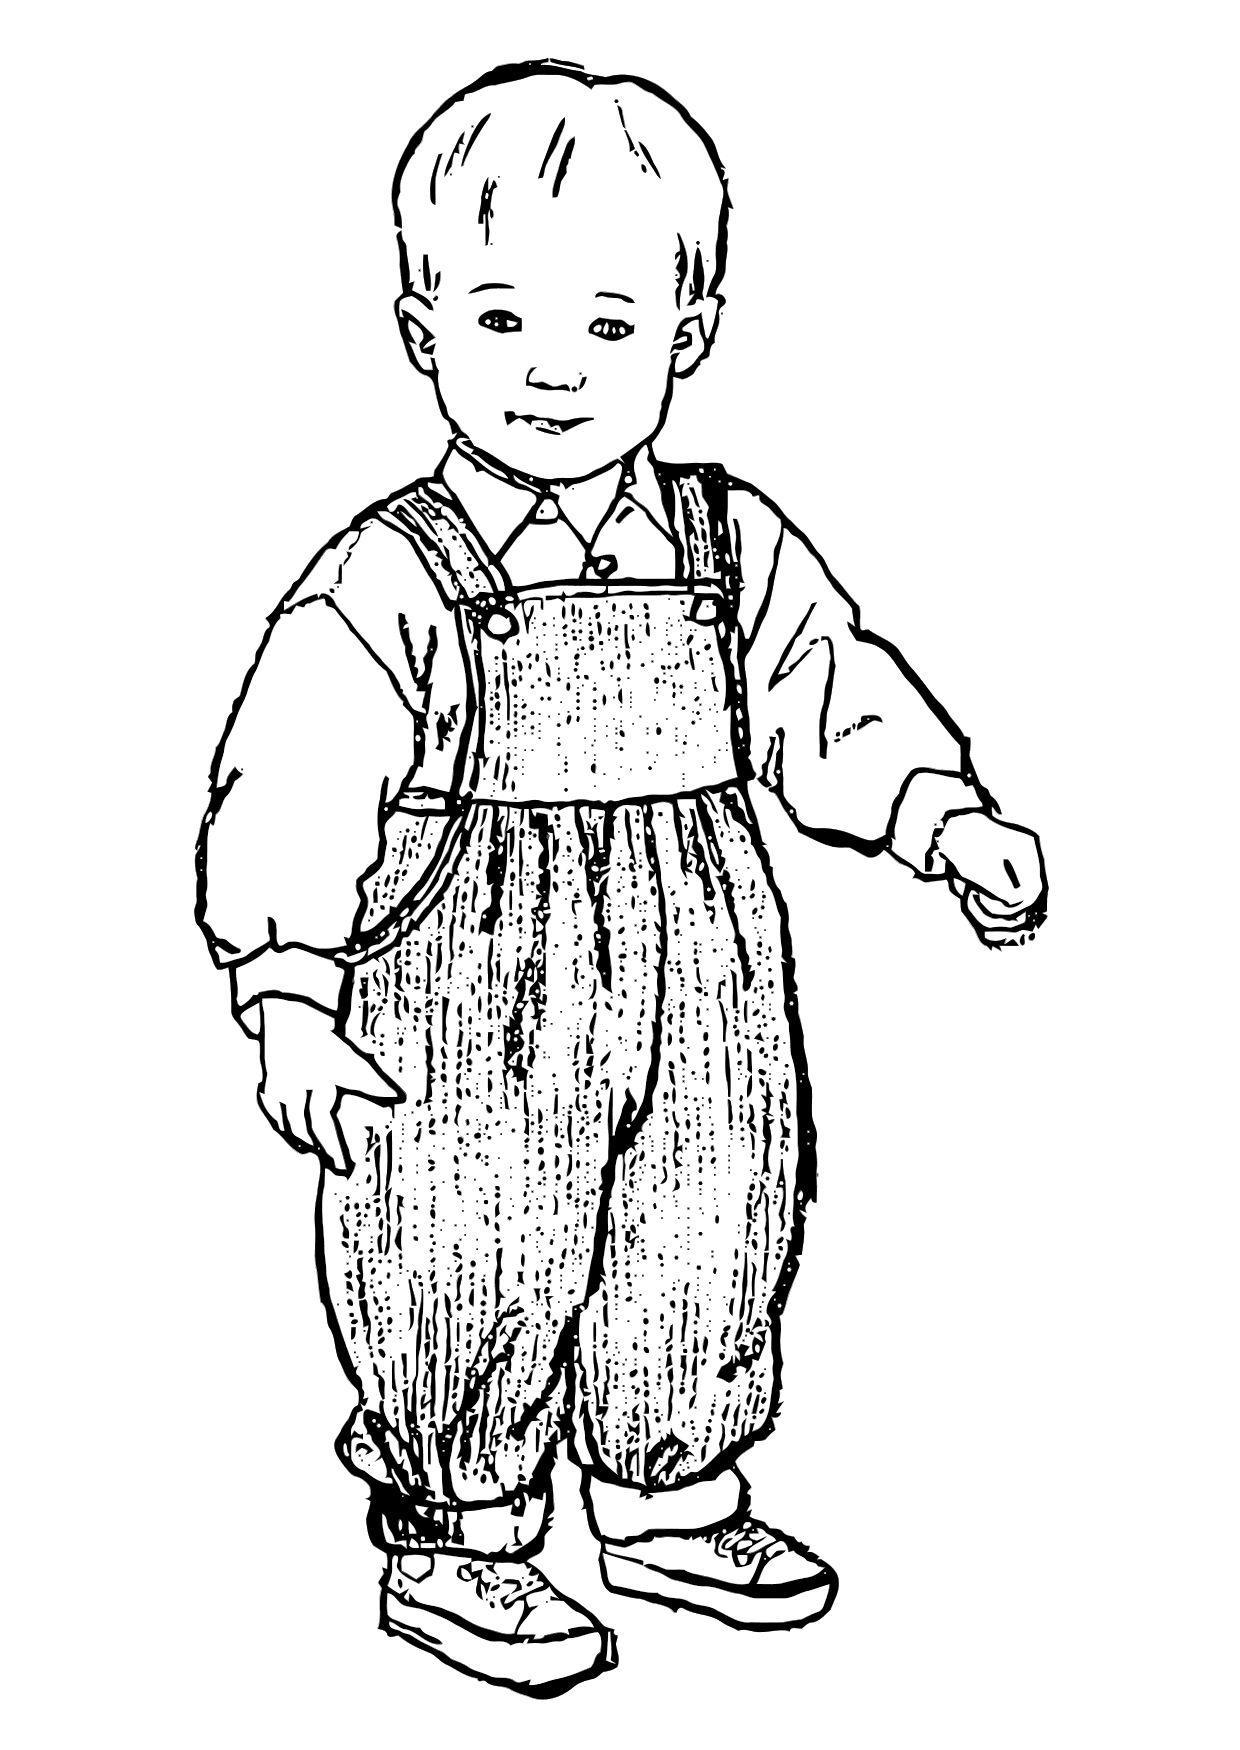 Malvorlage Junge | Ausmalbild 11876.